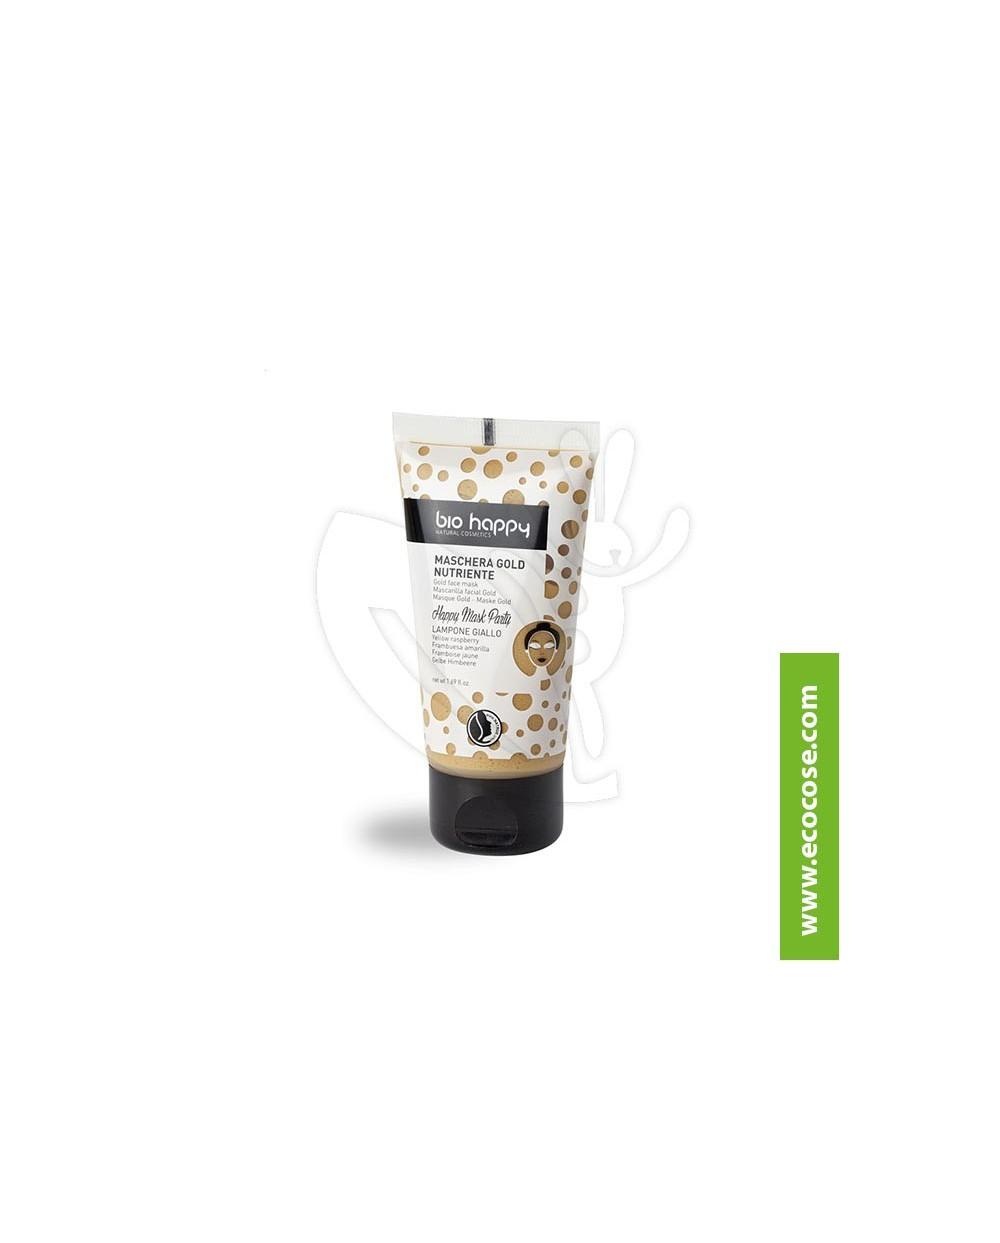 Bio Happy - Maschera Gold Nutriente - Lampone Giallo